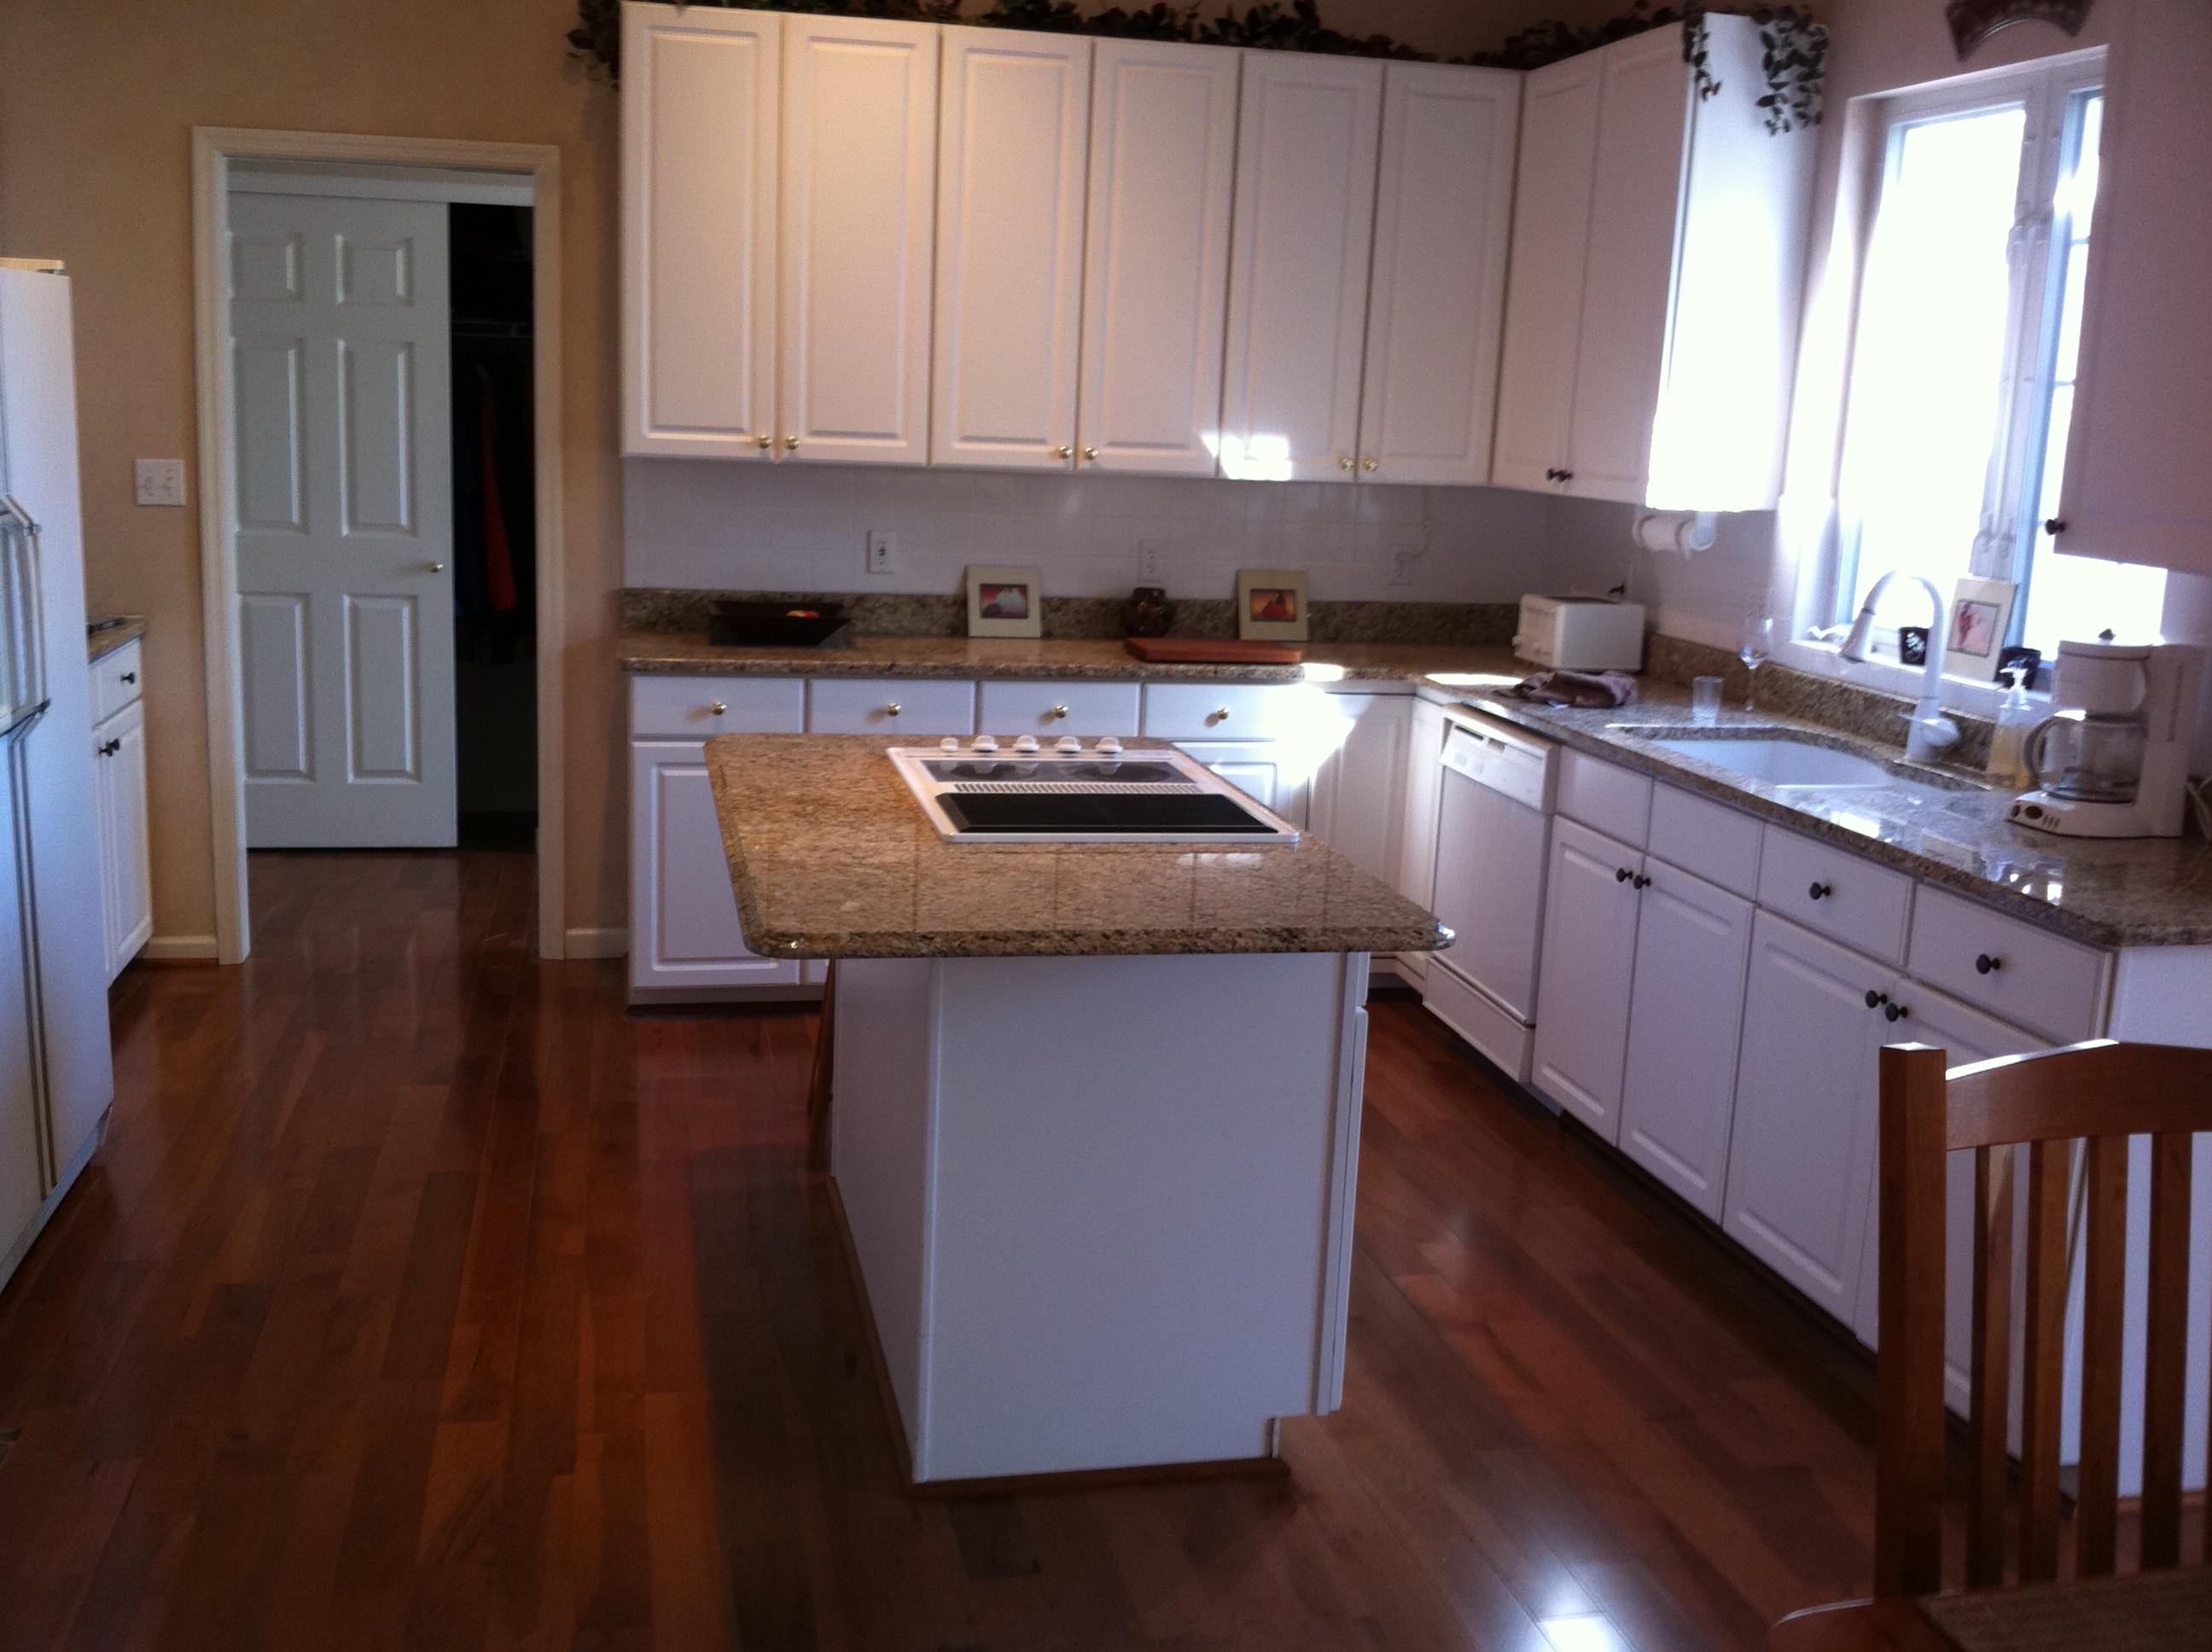 laminate flooring kitchen cabinets black laminate kitchen flooring VDLPLLR